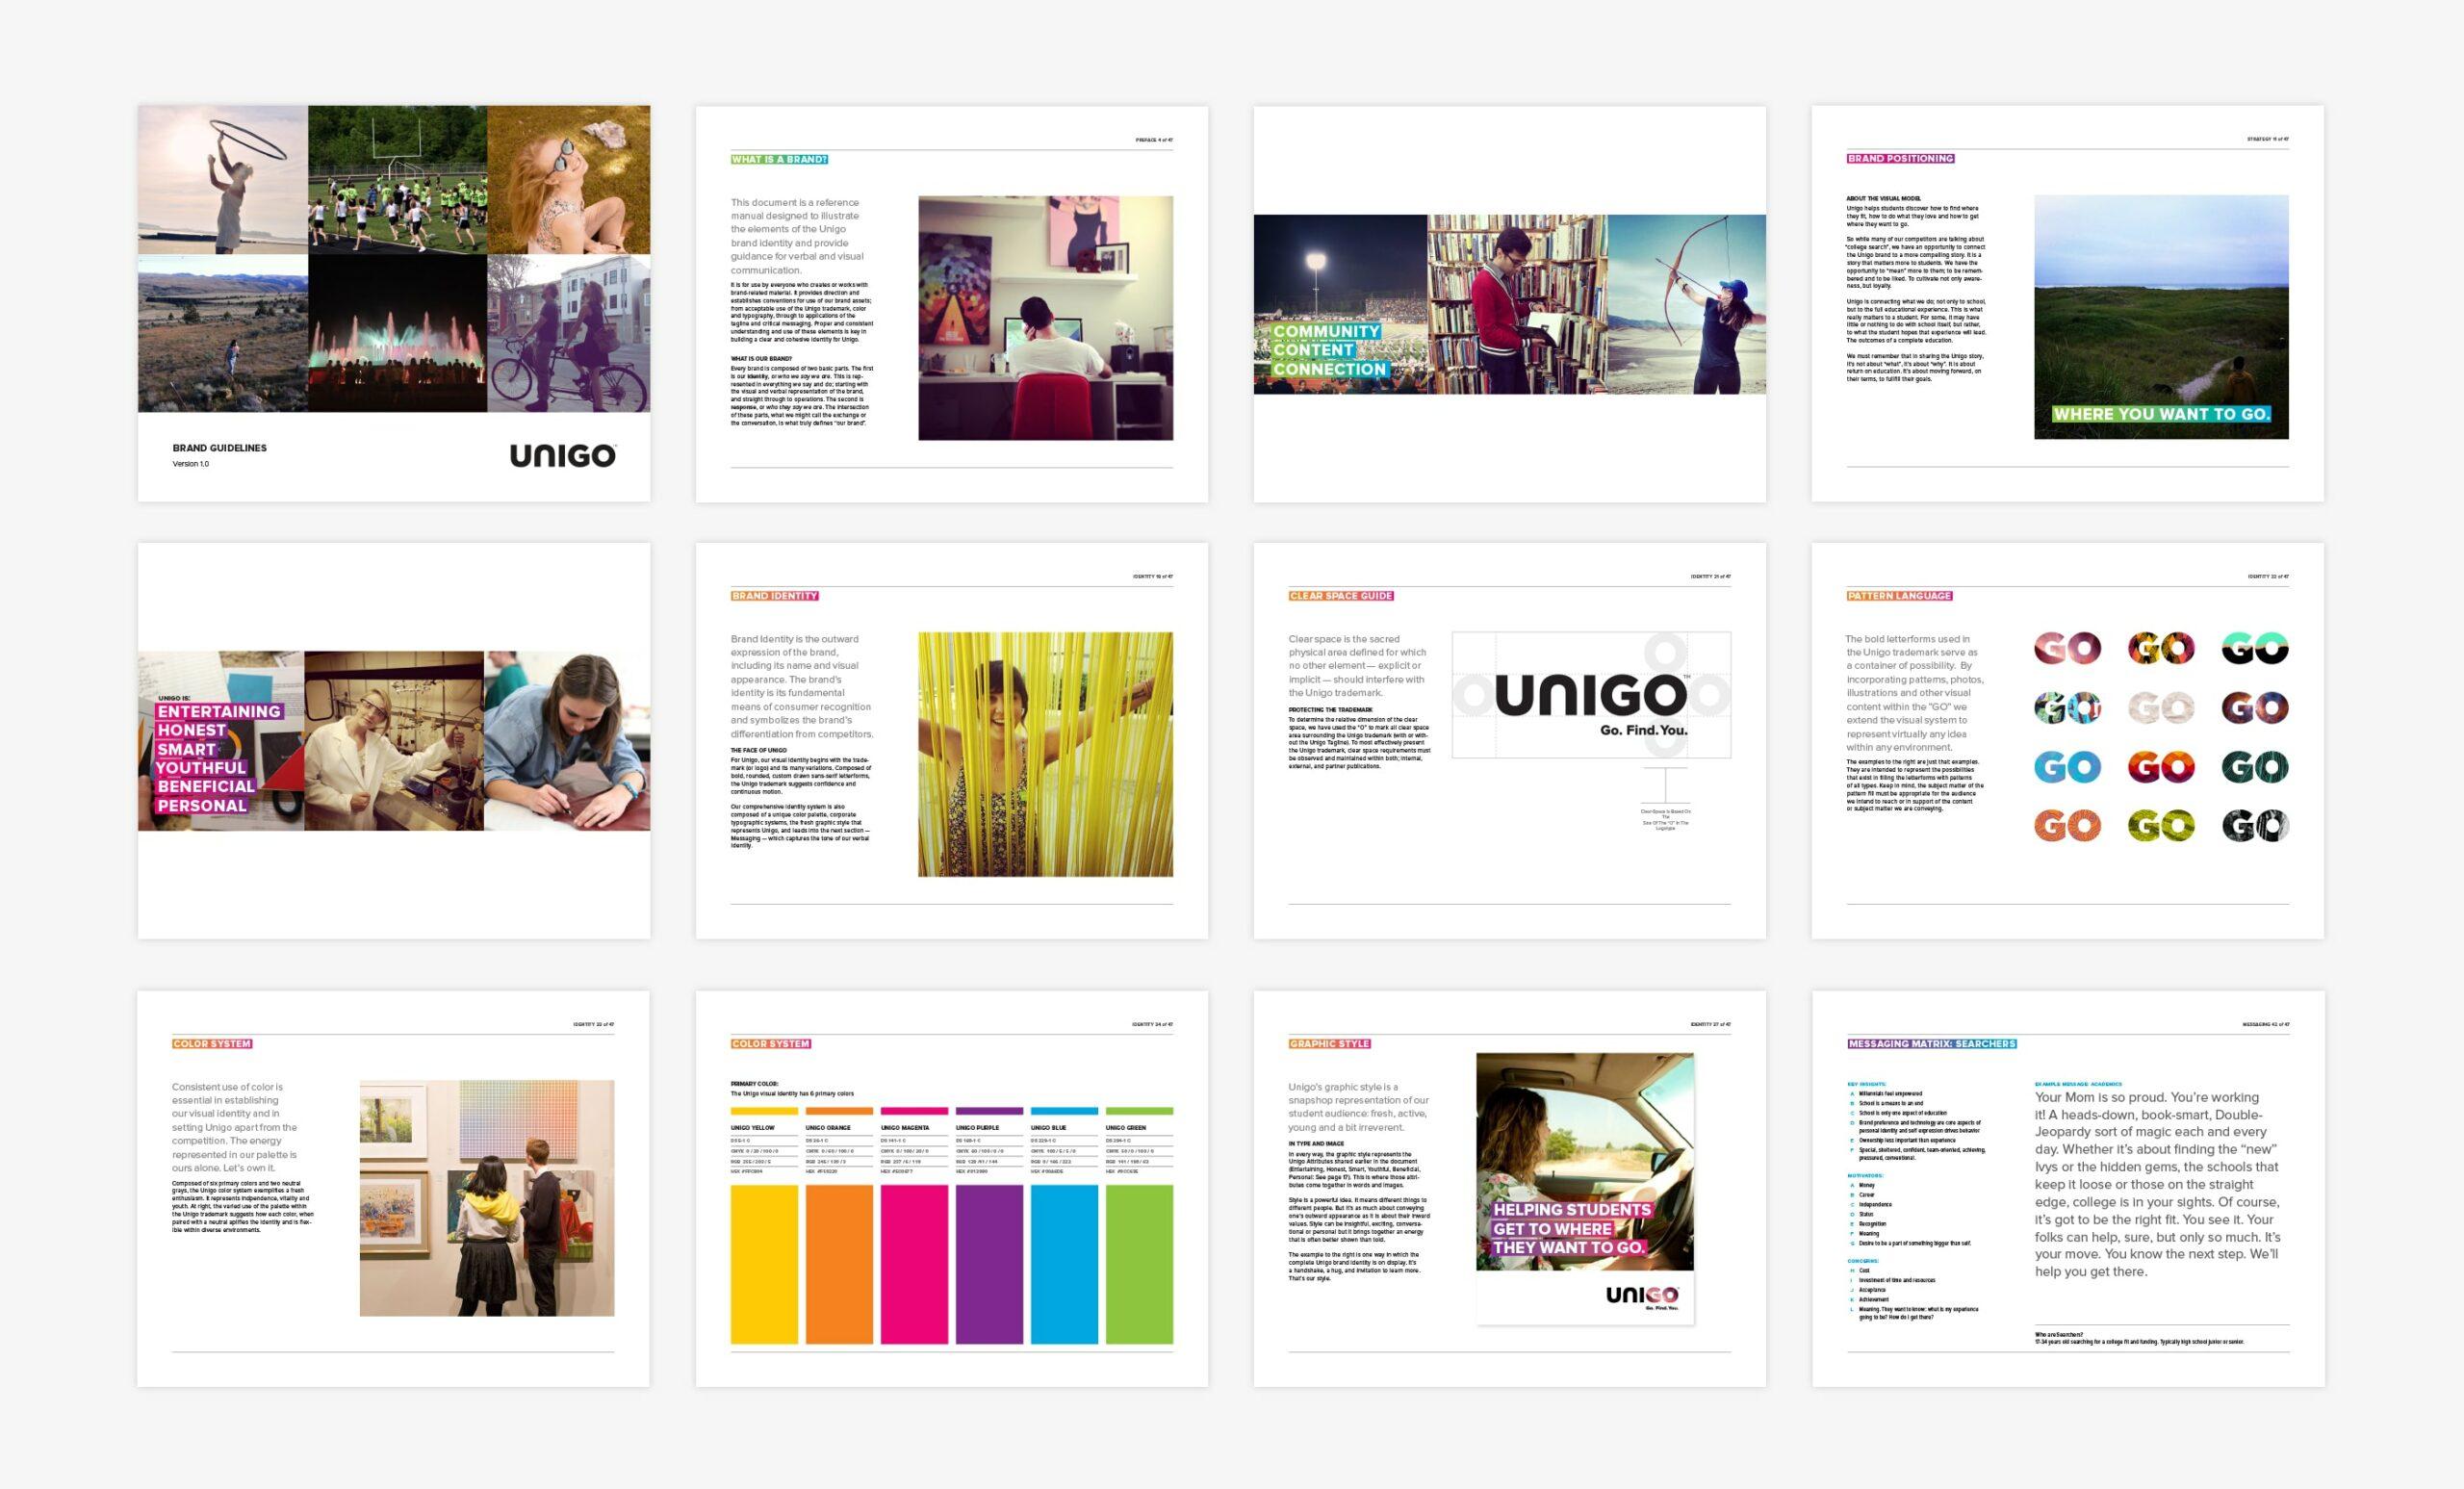 Unigo Brand Guidelines